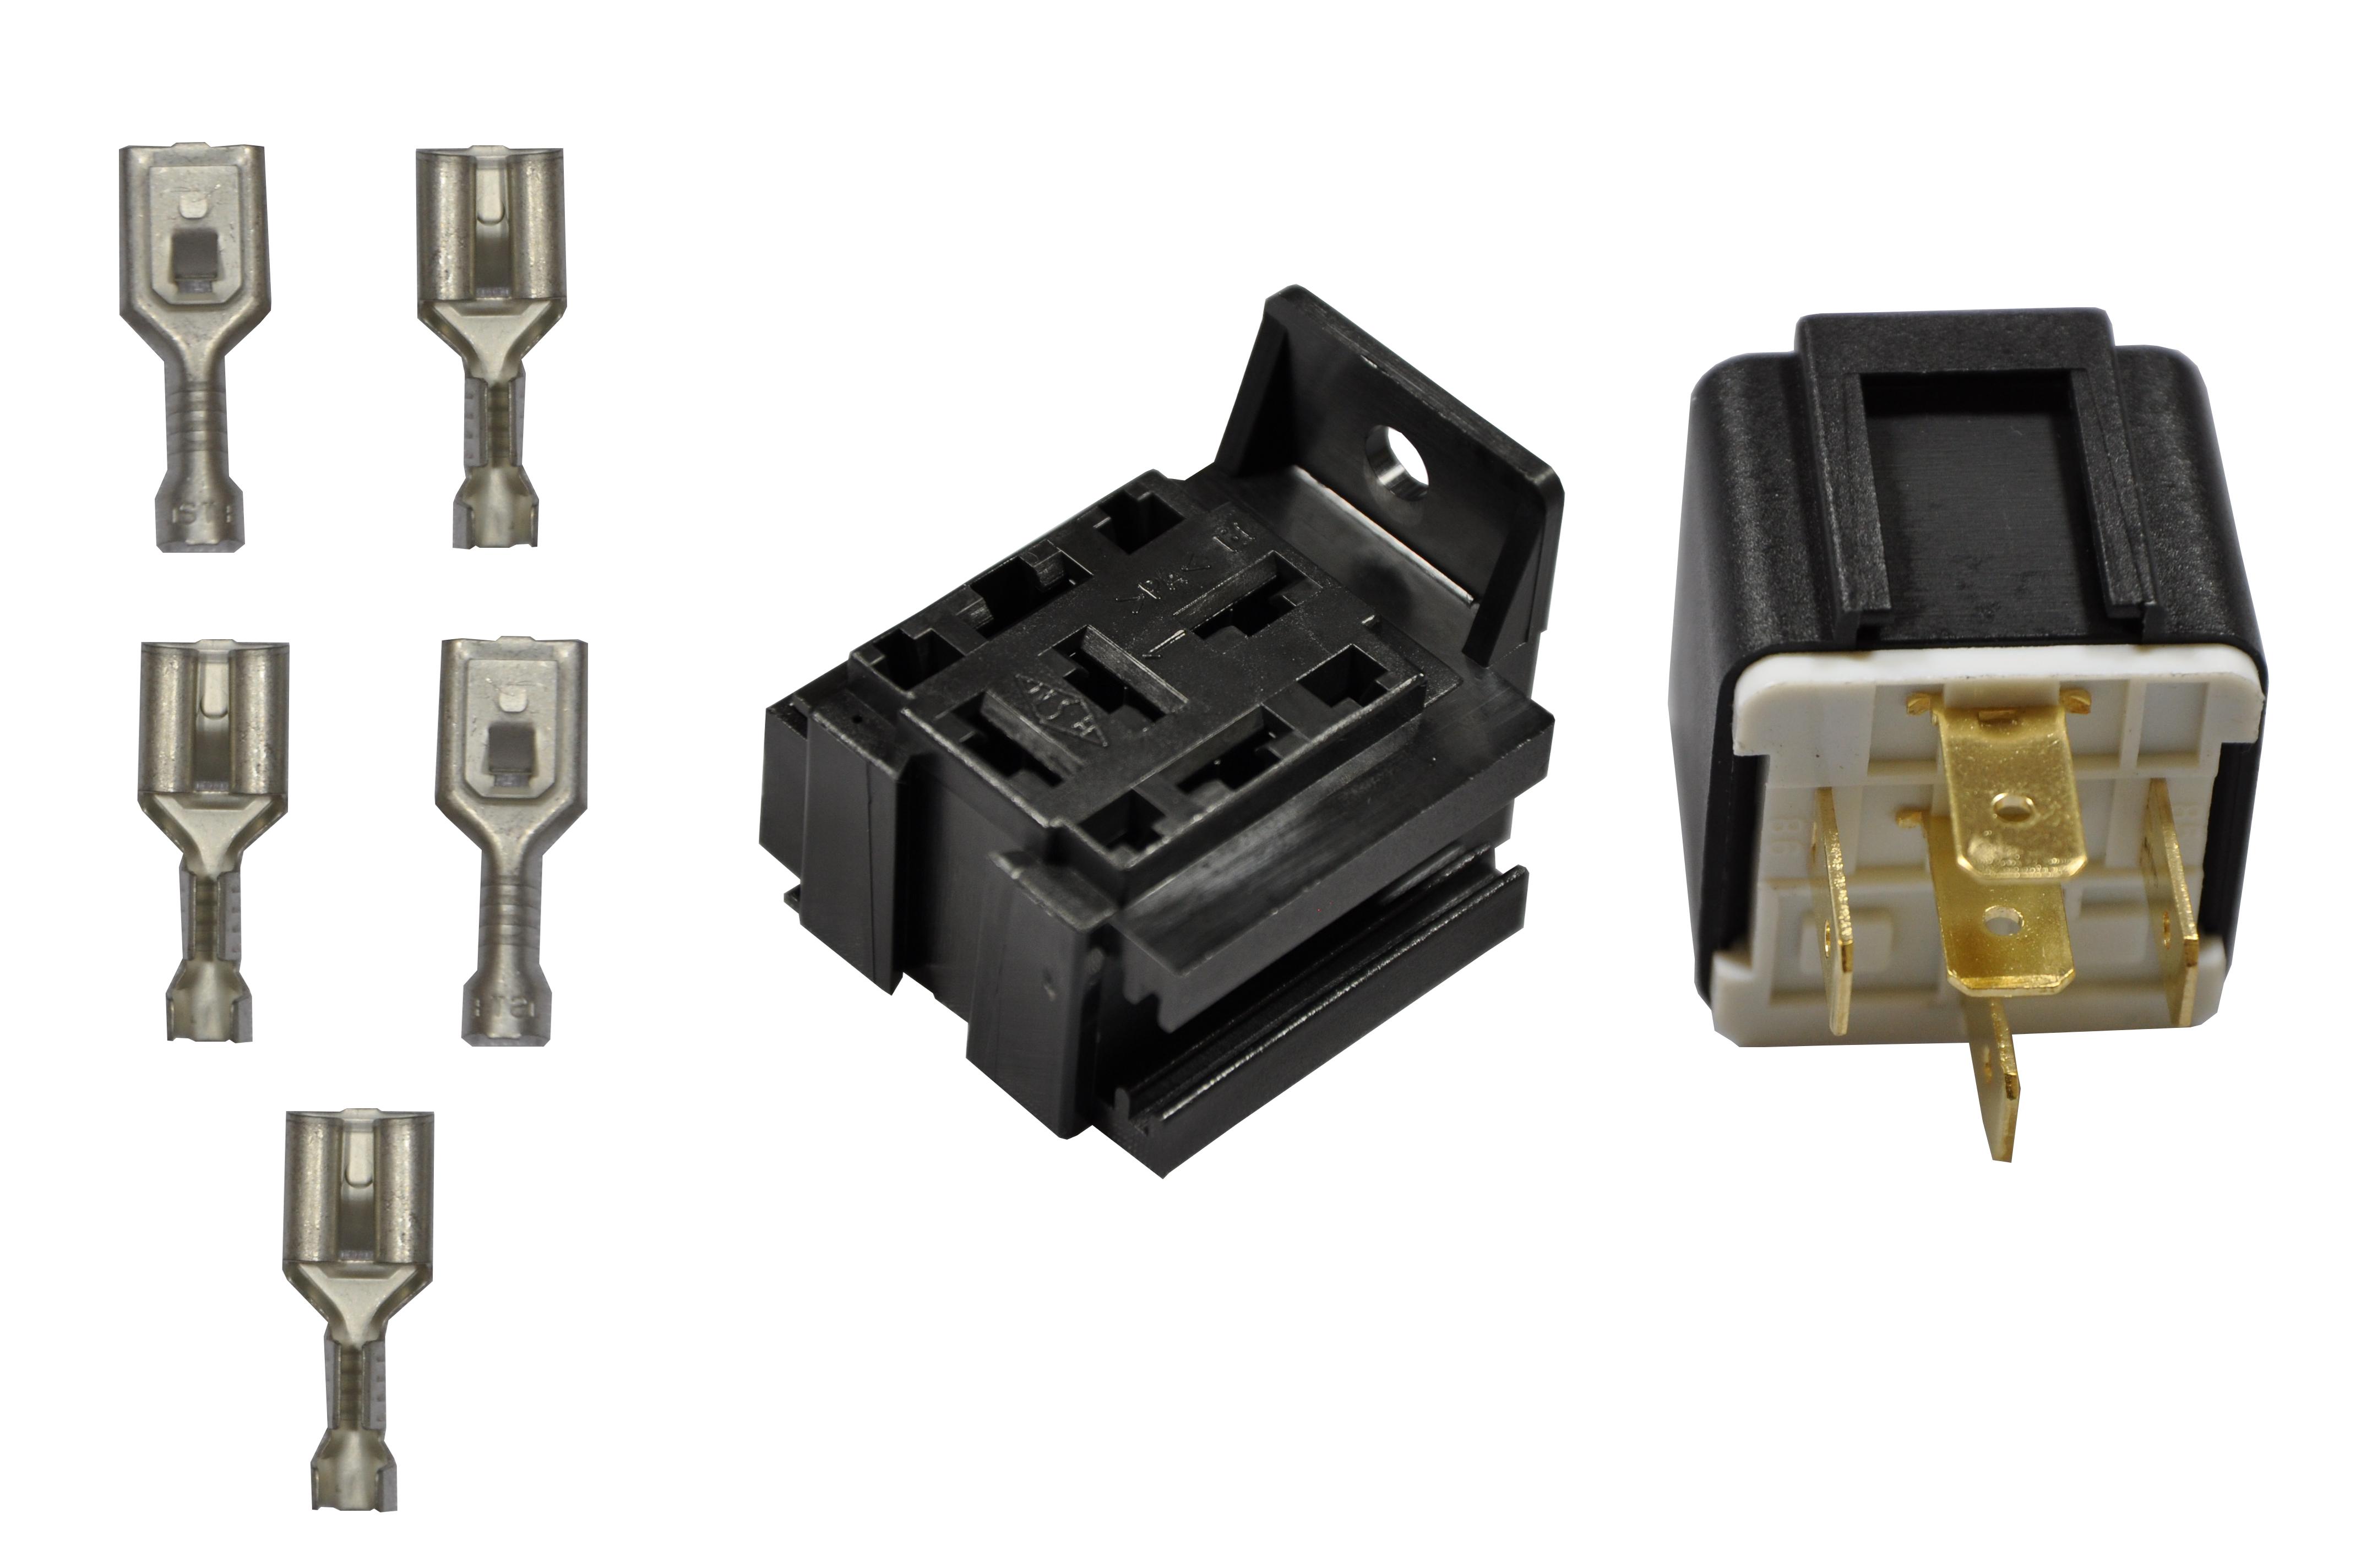 Relais 12v 40a Mit Sockel Amp Stecker Cum Cartec Shop De